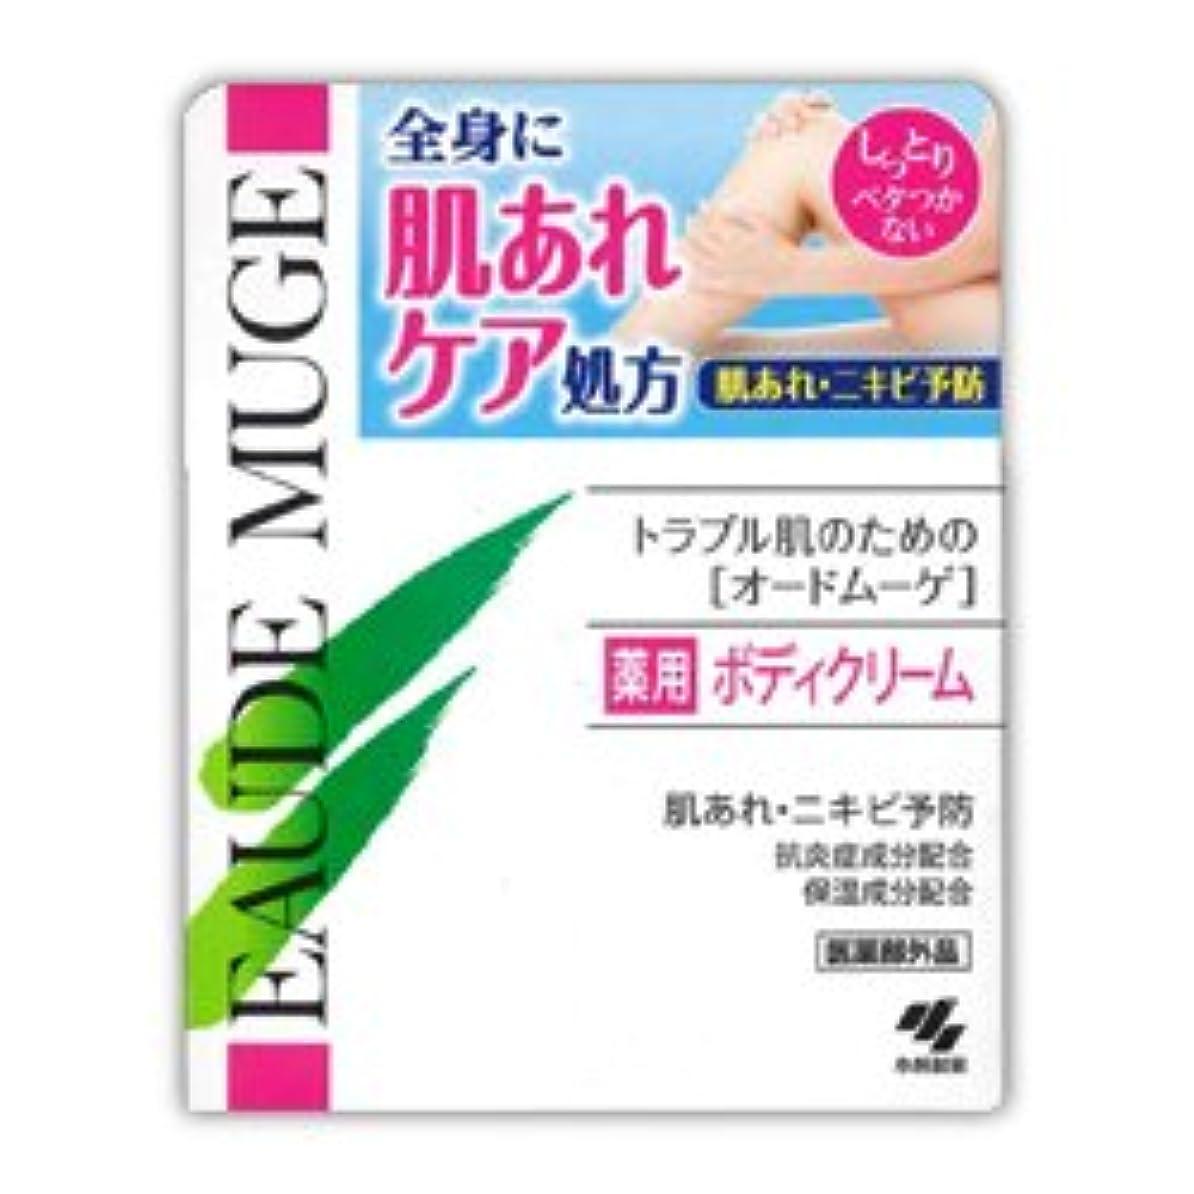 養う召集する初心者【小林製薬】オードムーゲ 薬用ボディクリーム 160g(医薬部外品)